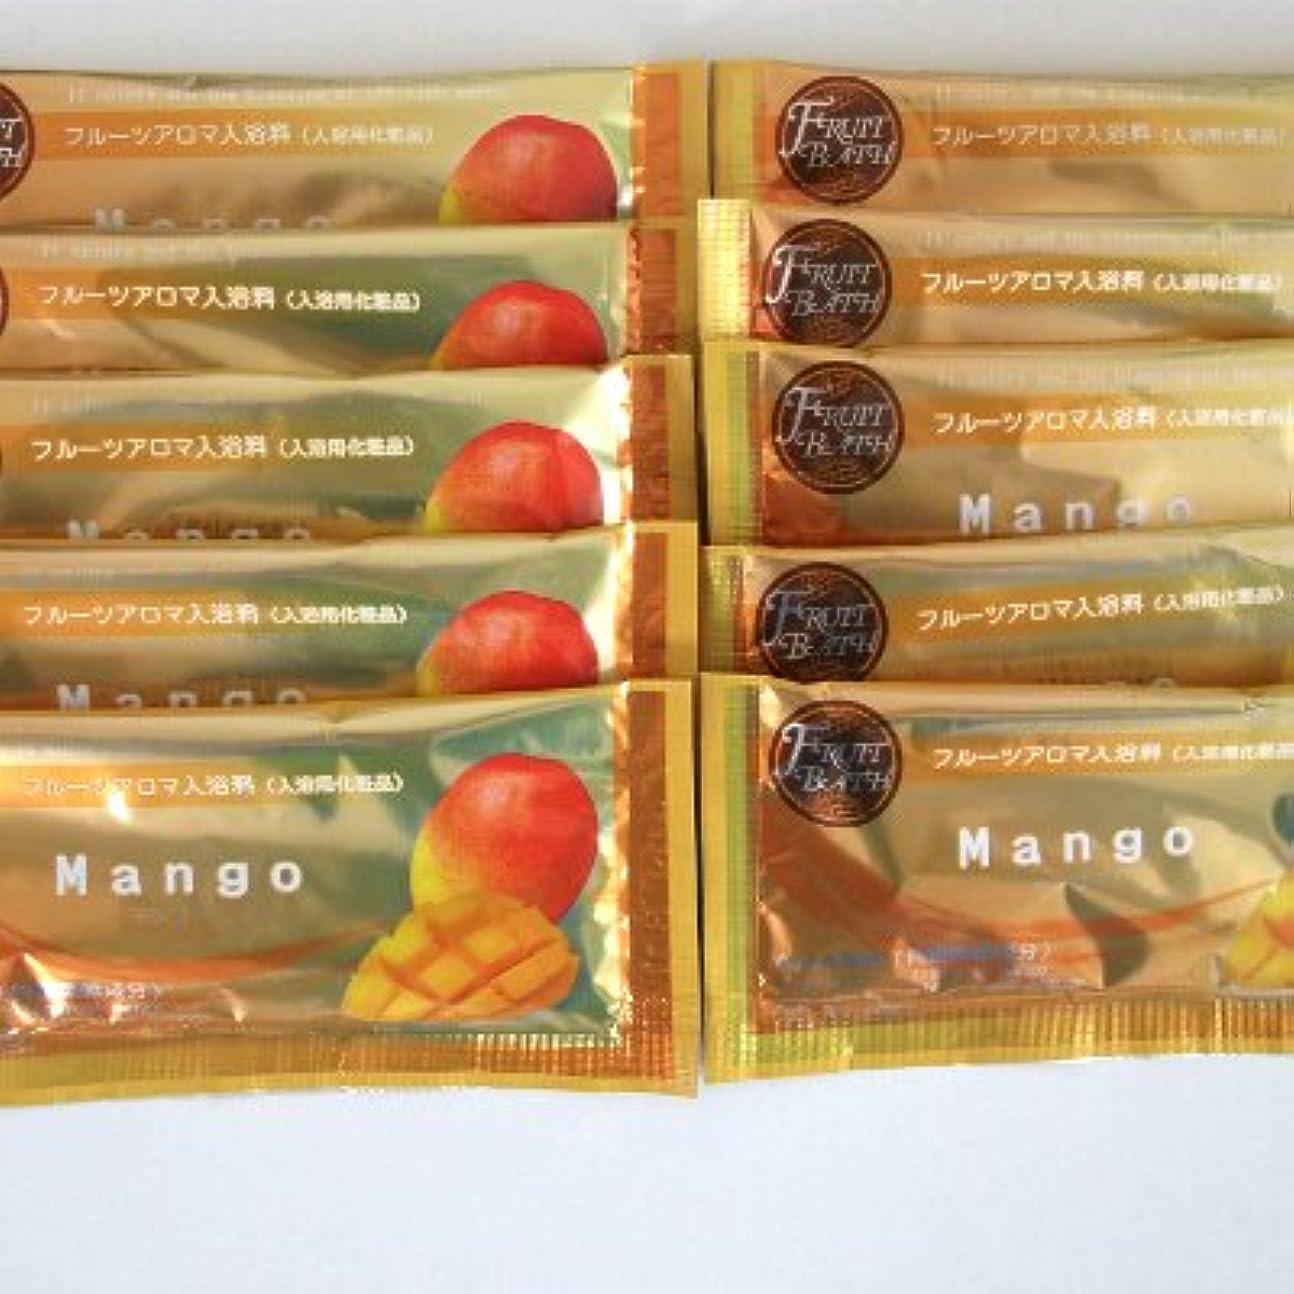 熟読代名詞積極的にフルーツアロマ入浴剤 マンゴーの香り 10包セット